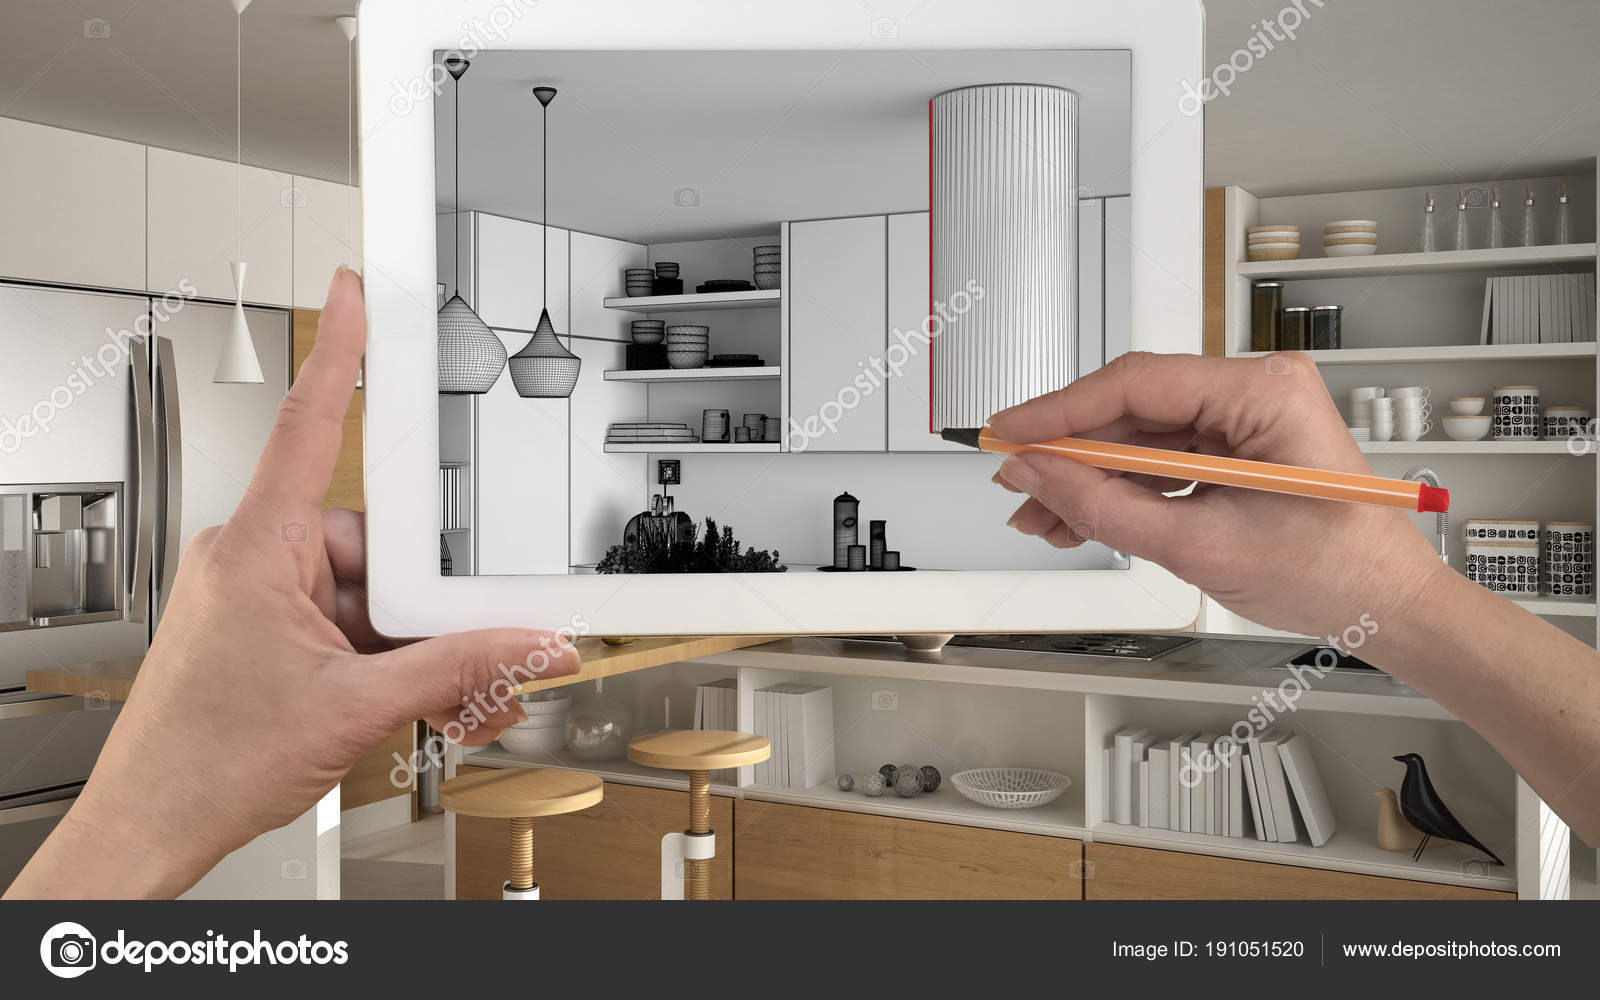 Hande Halten Und Zeichnen Auf Tablet Zeigt Moderne Kuche Sketc